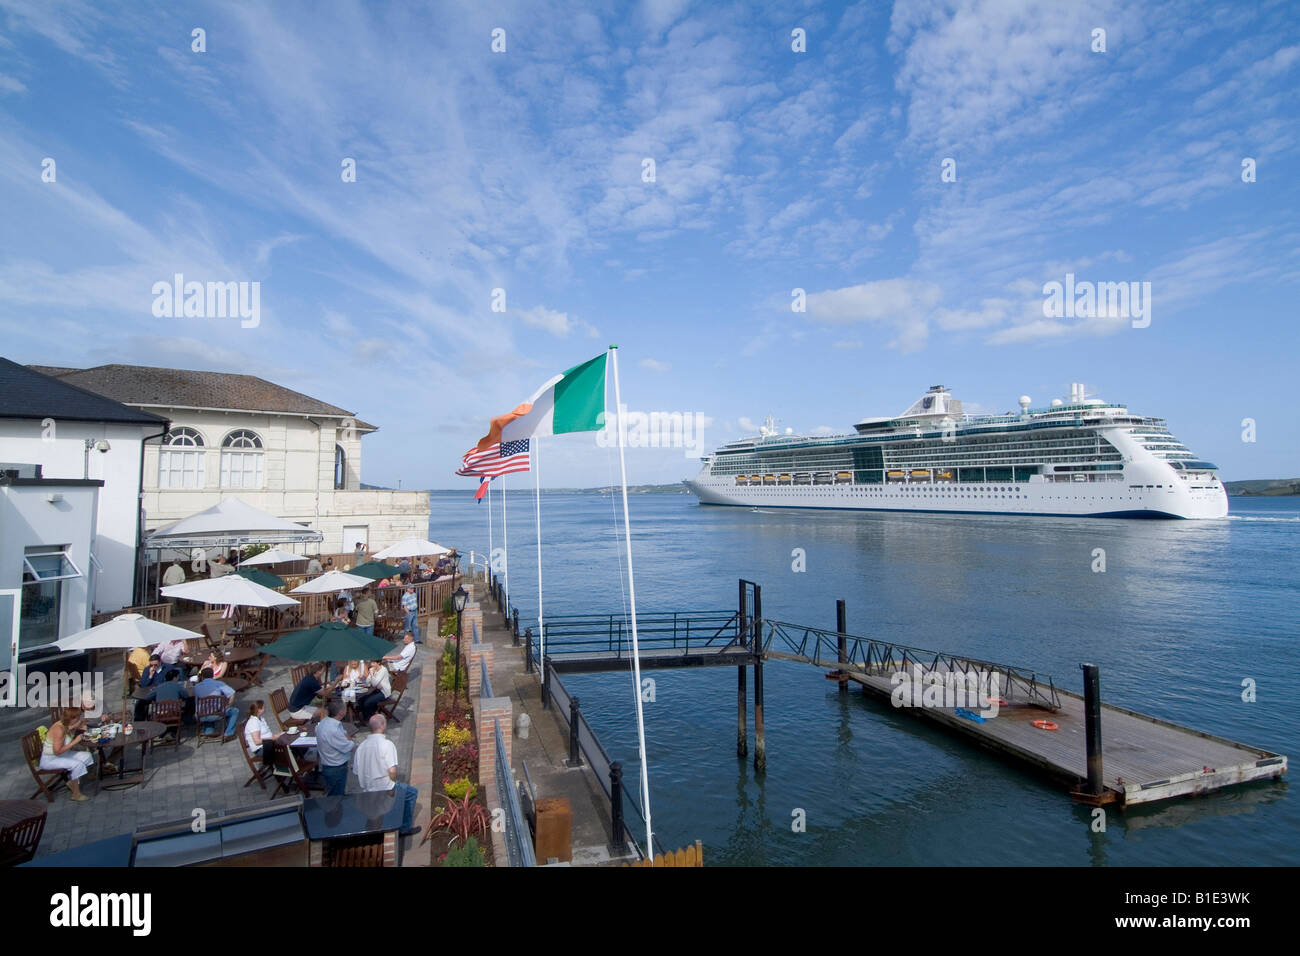 Cruise Ship Cobh Cork Ireland Stock Photo Royalty Free Image - Cruise ship ireland